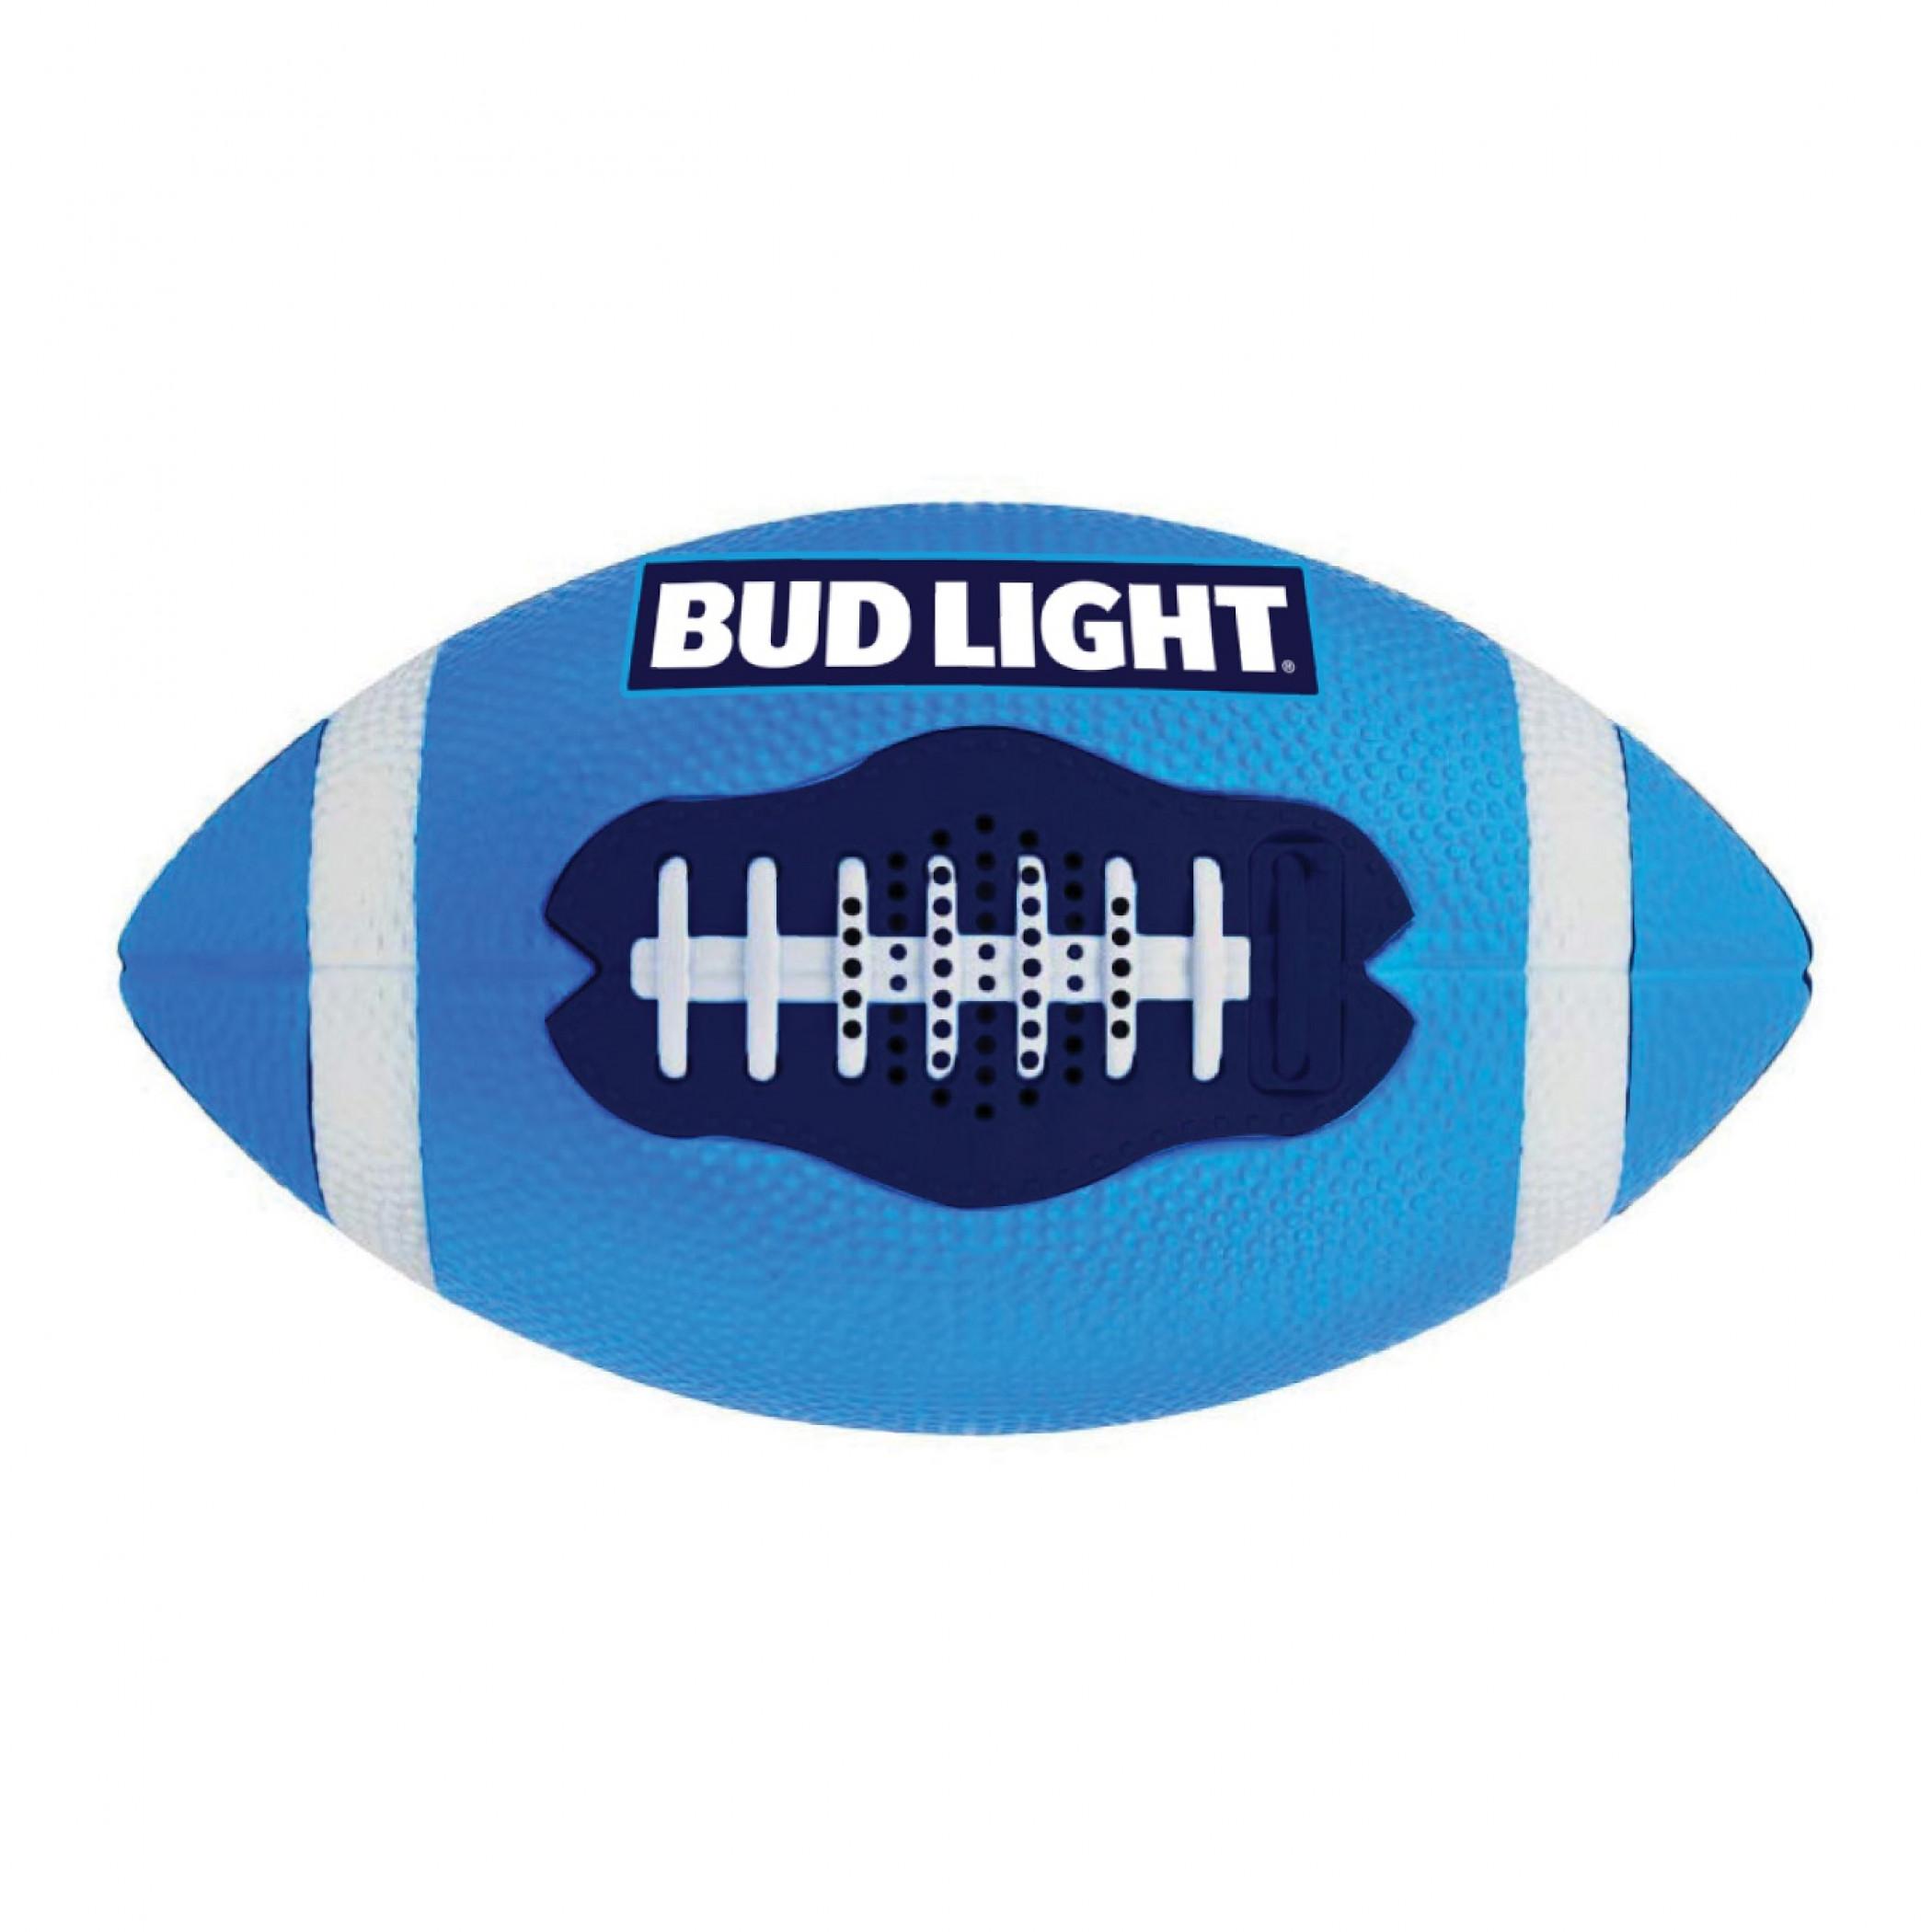 Bud Light Bluetooth Football Speaker Inflated & Playable